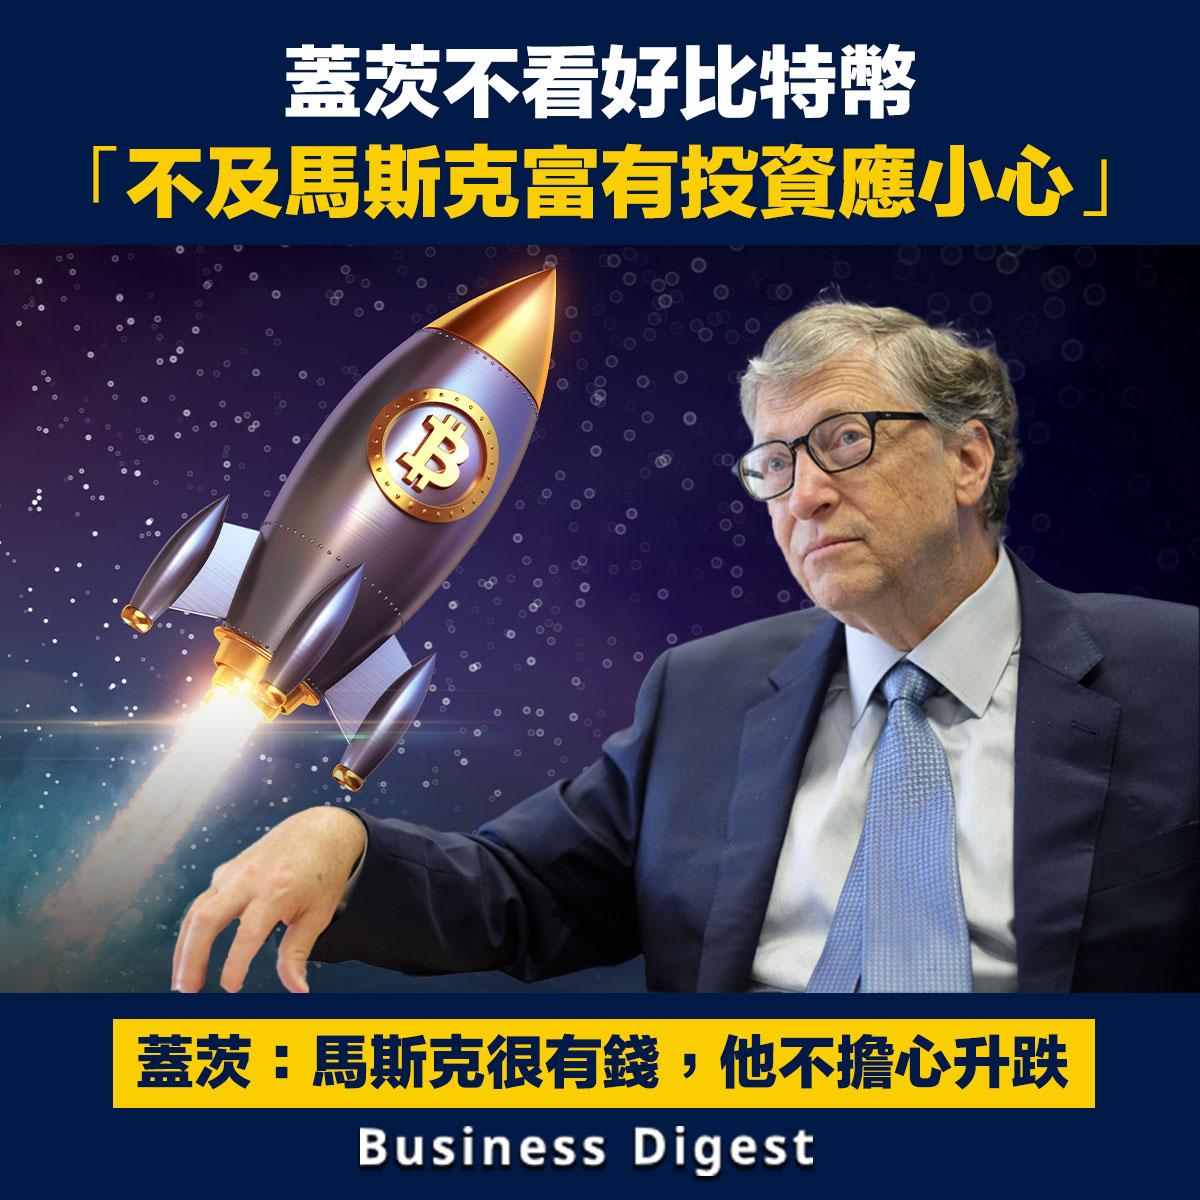 蓋茨不看好比特幣「不及馬斯克富有投資應小心」